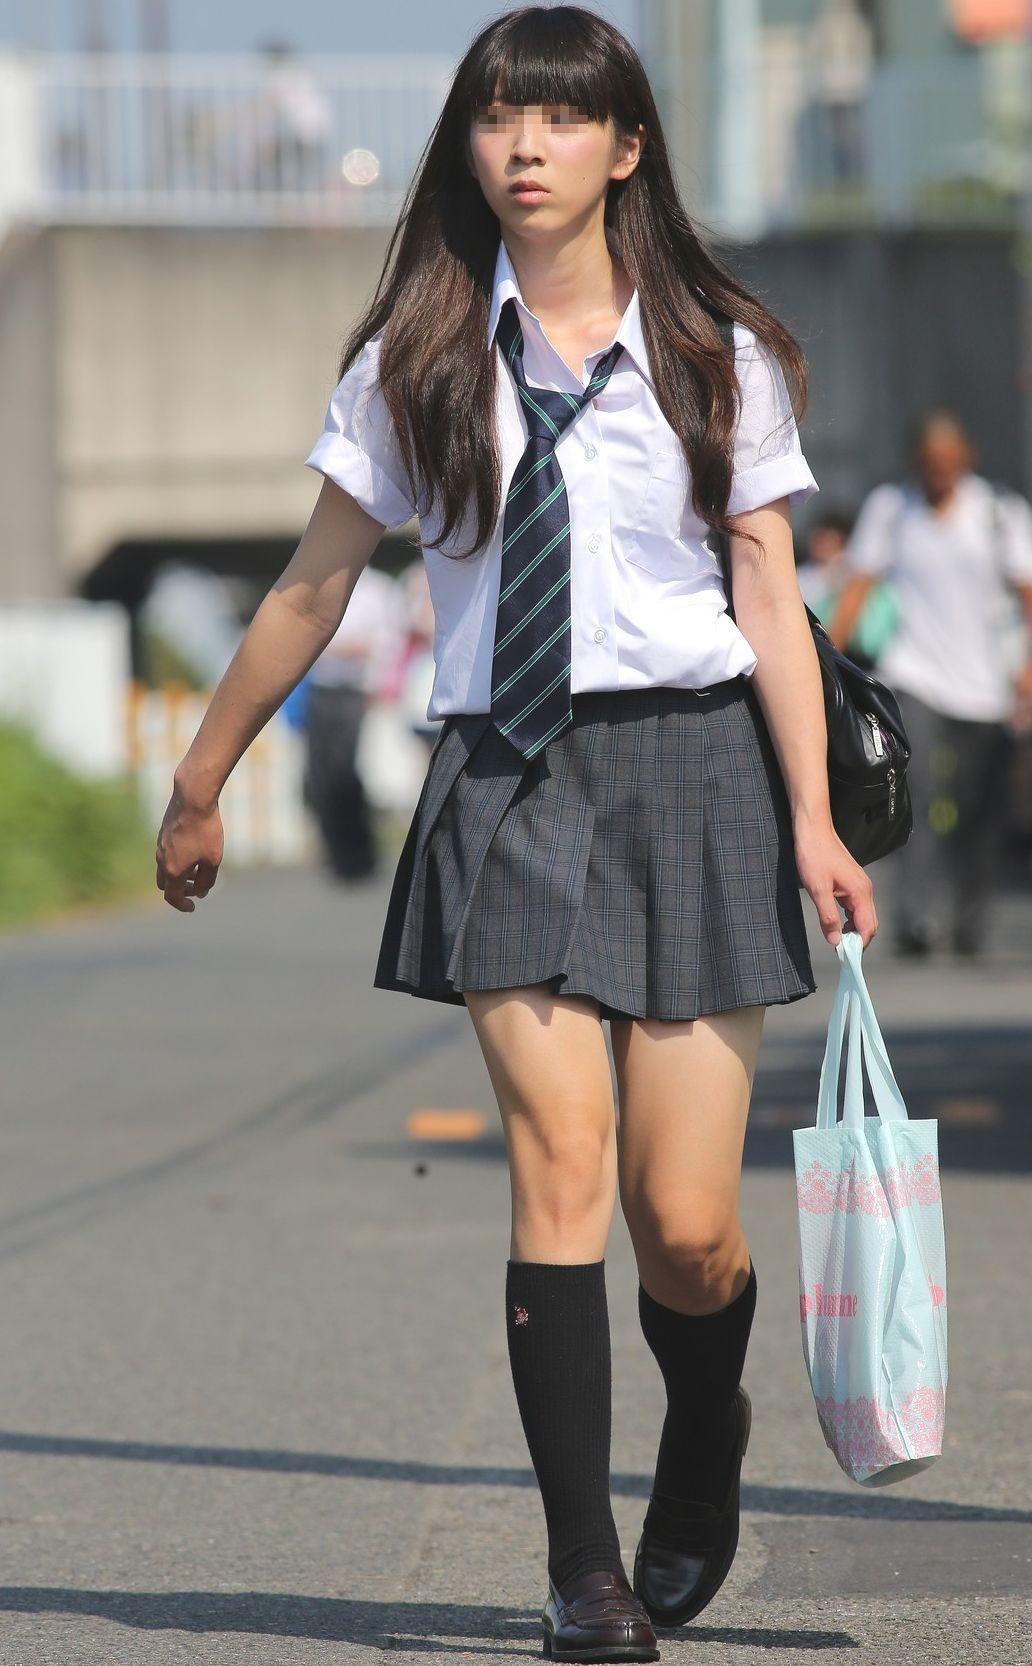 【JK街撮り】登下校中のJKたちの若き生脚に癒されて朝を迎えましょうwww 08